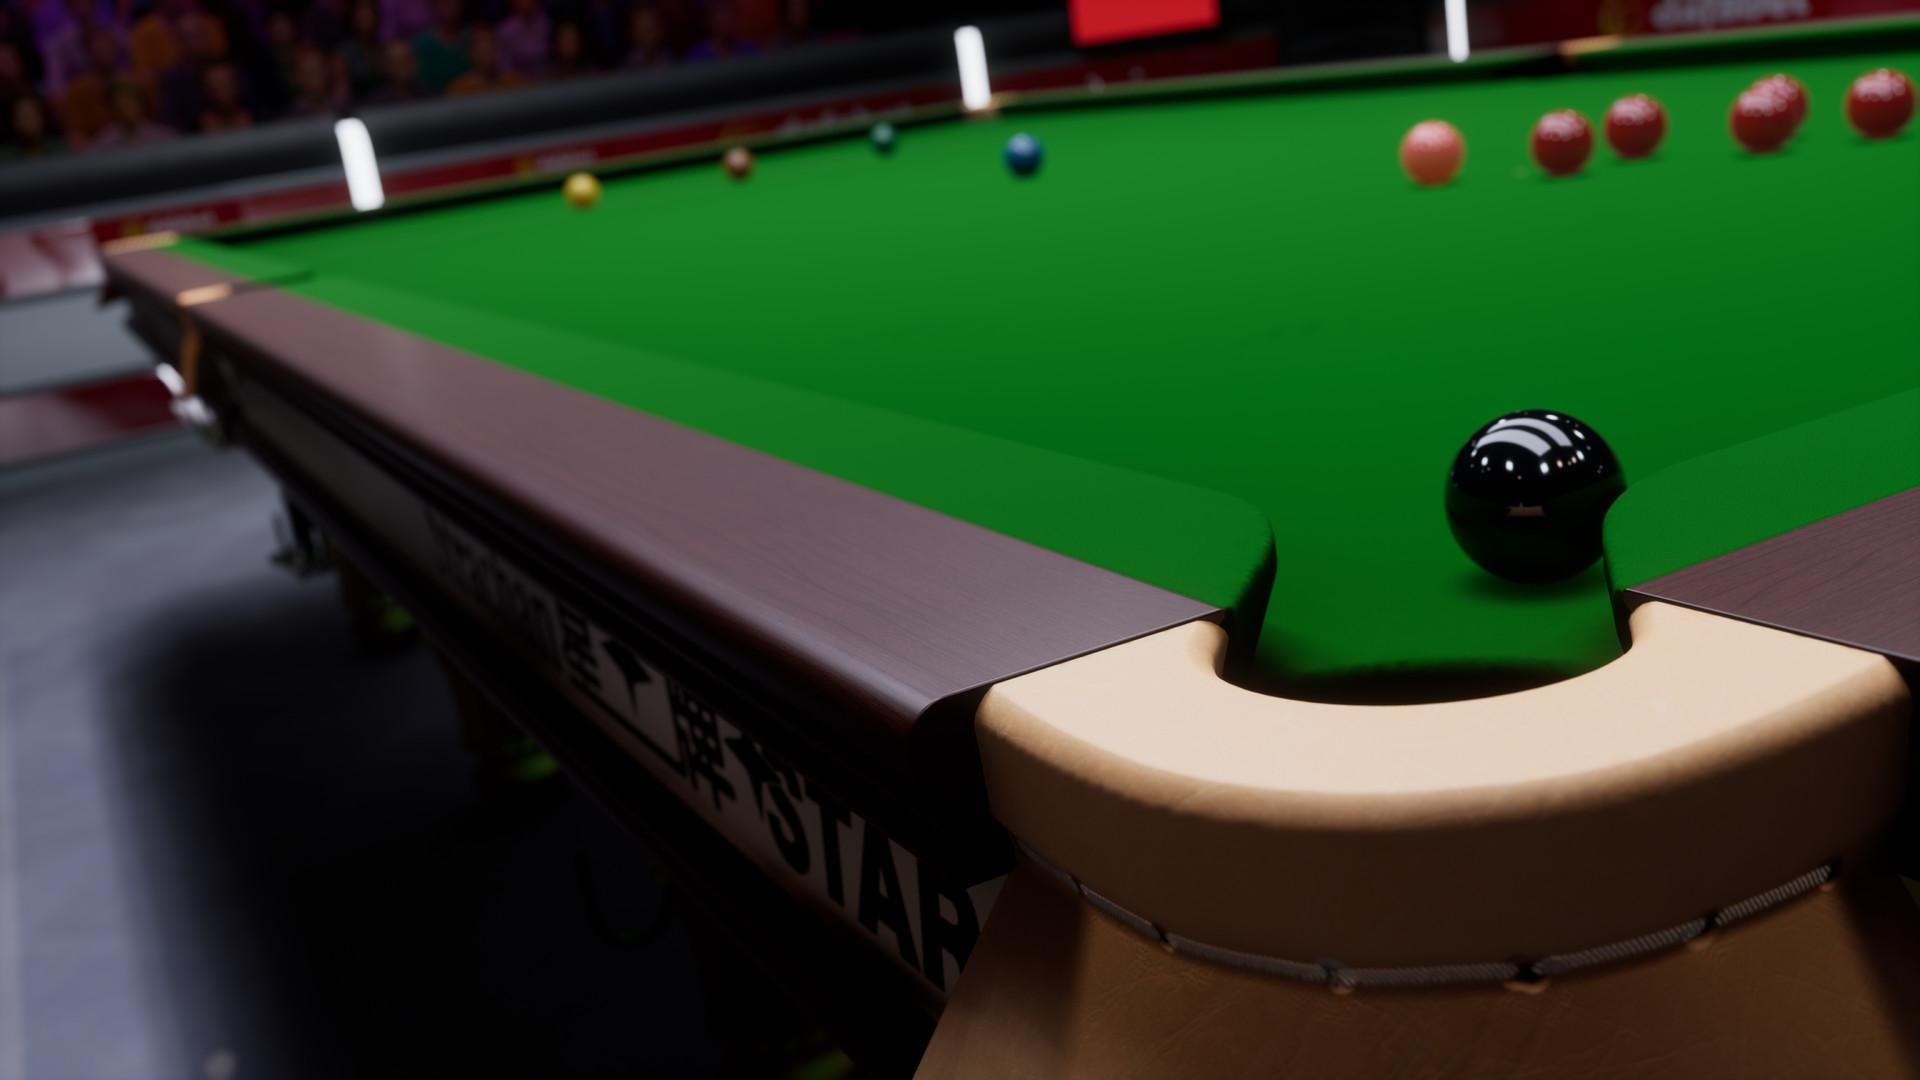 Snooker Crack